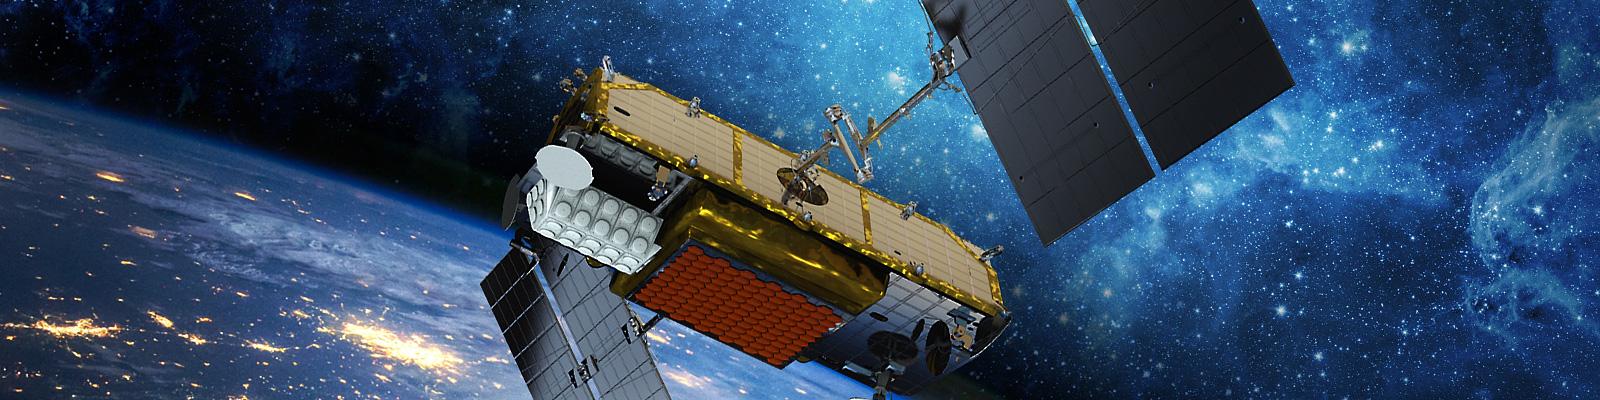 イリジウム衛星